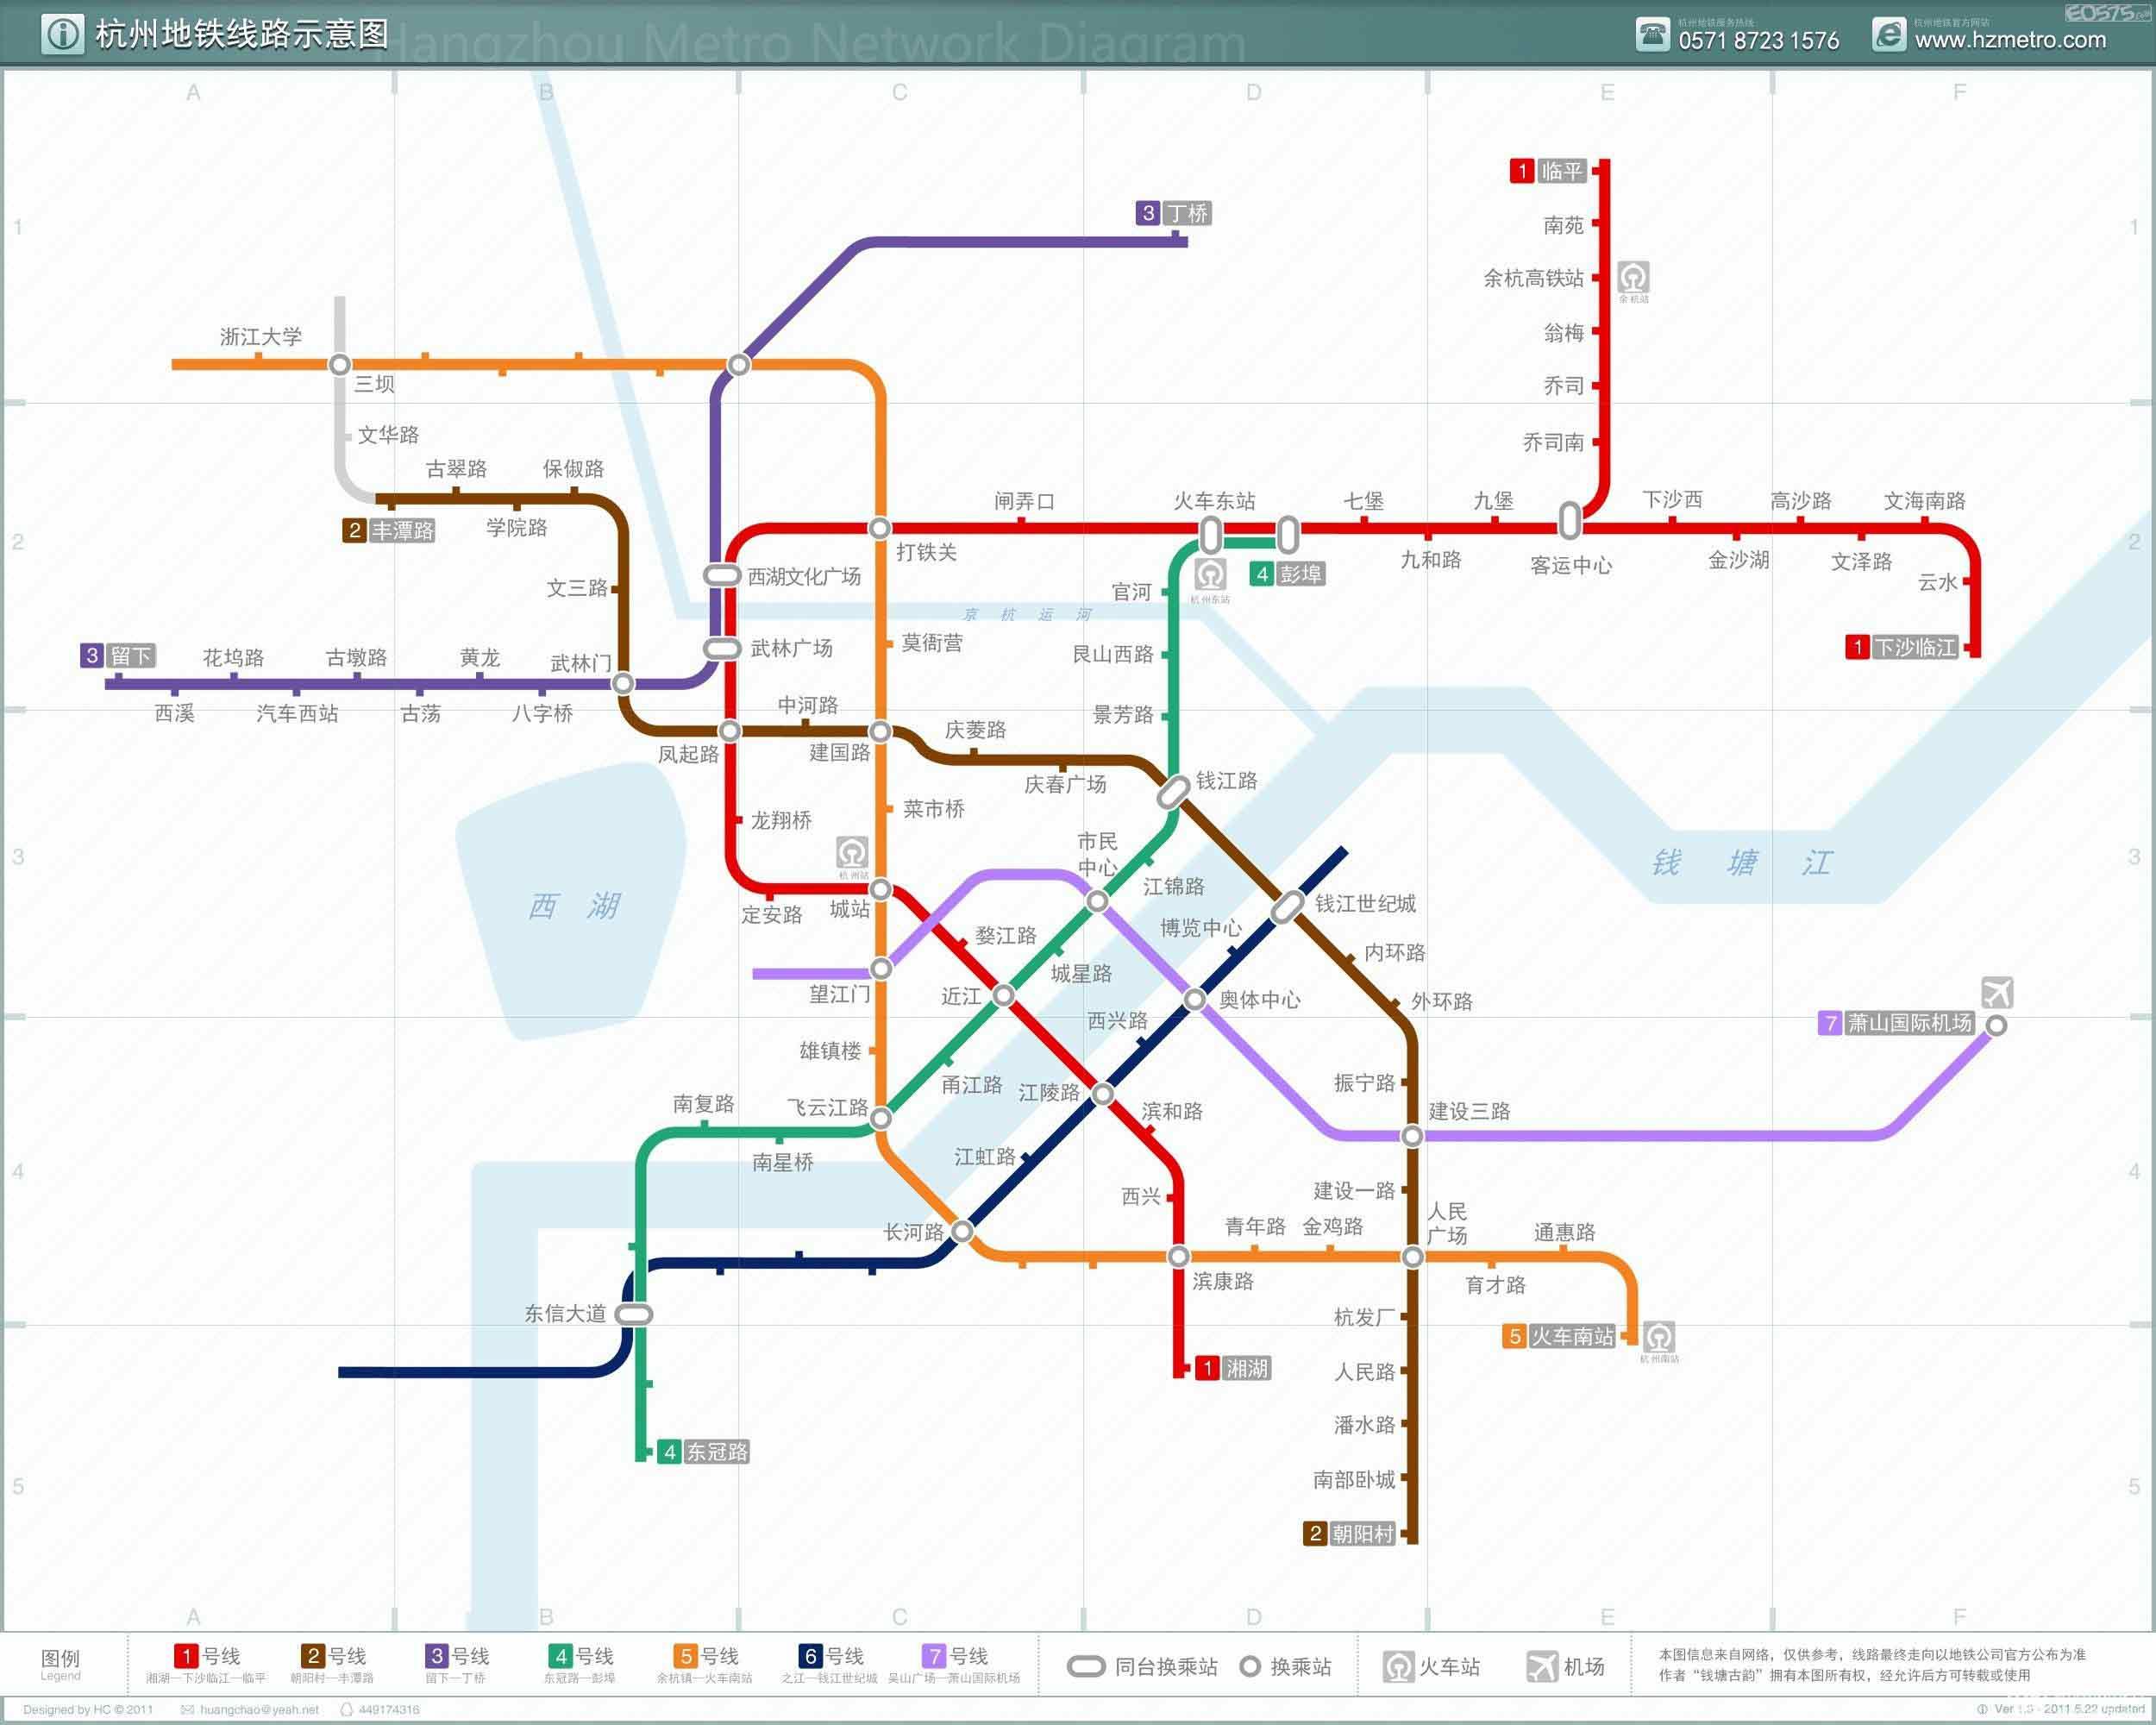 杭州地铁线路规划图-深圳16条地铁规划图图片大全 深圳地铁16条线路